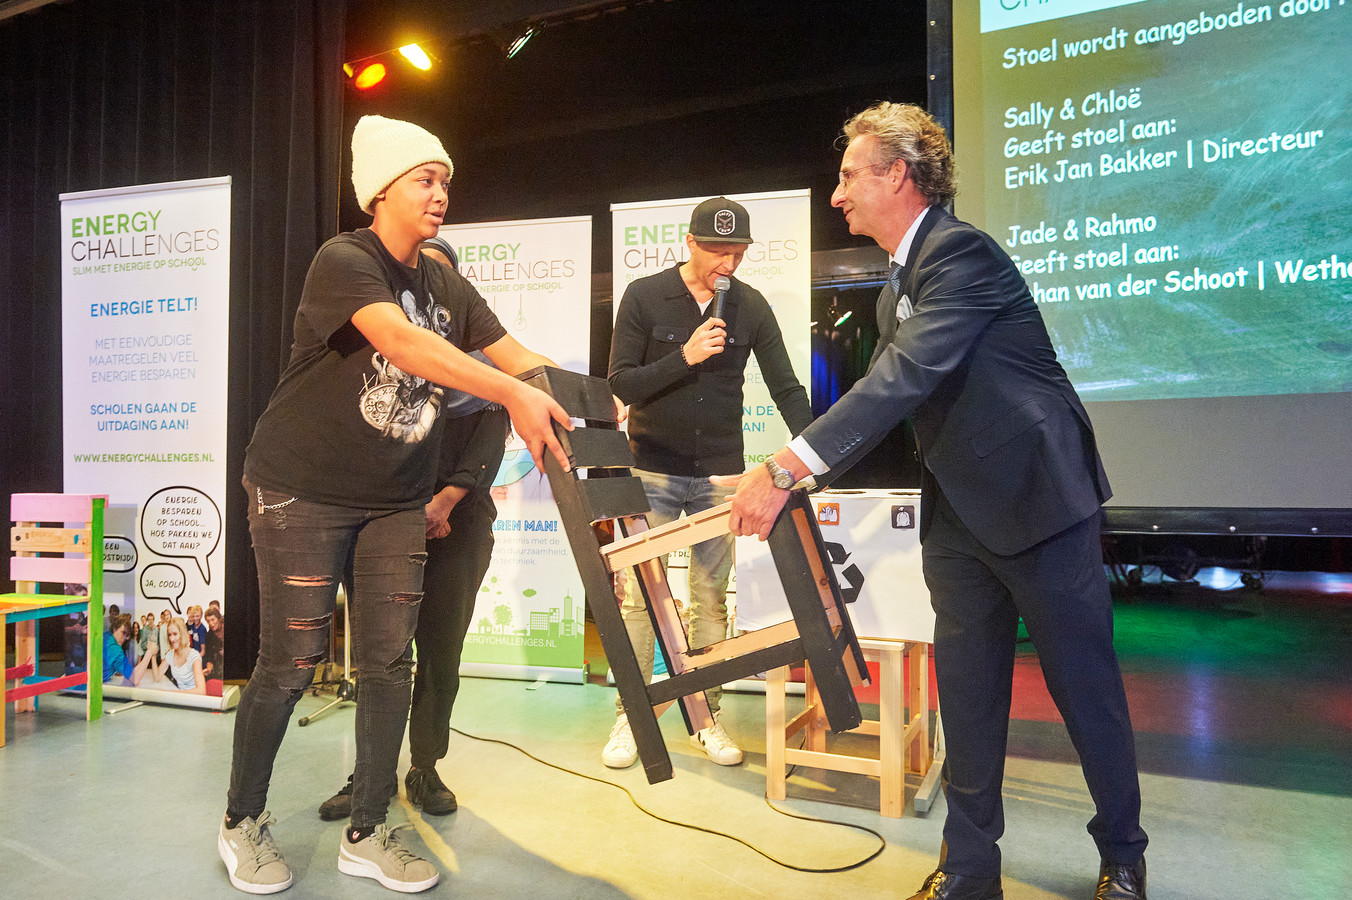 November 2020: Wethouder Johan van der Schoot ontvangt een stoel van de toekomst van Jade en Rahmo, leerlingen van het Mondriaan College.